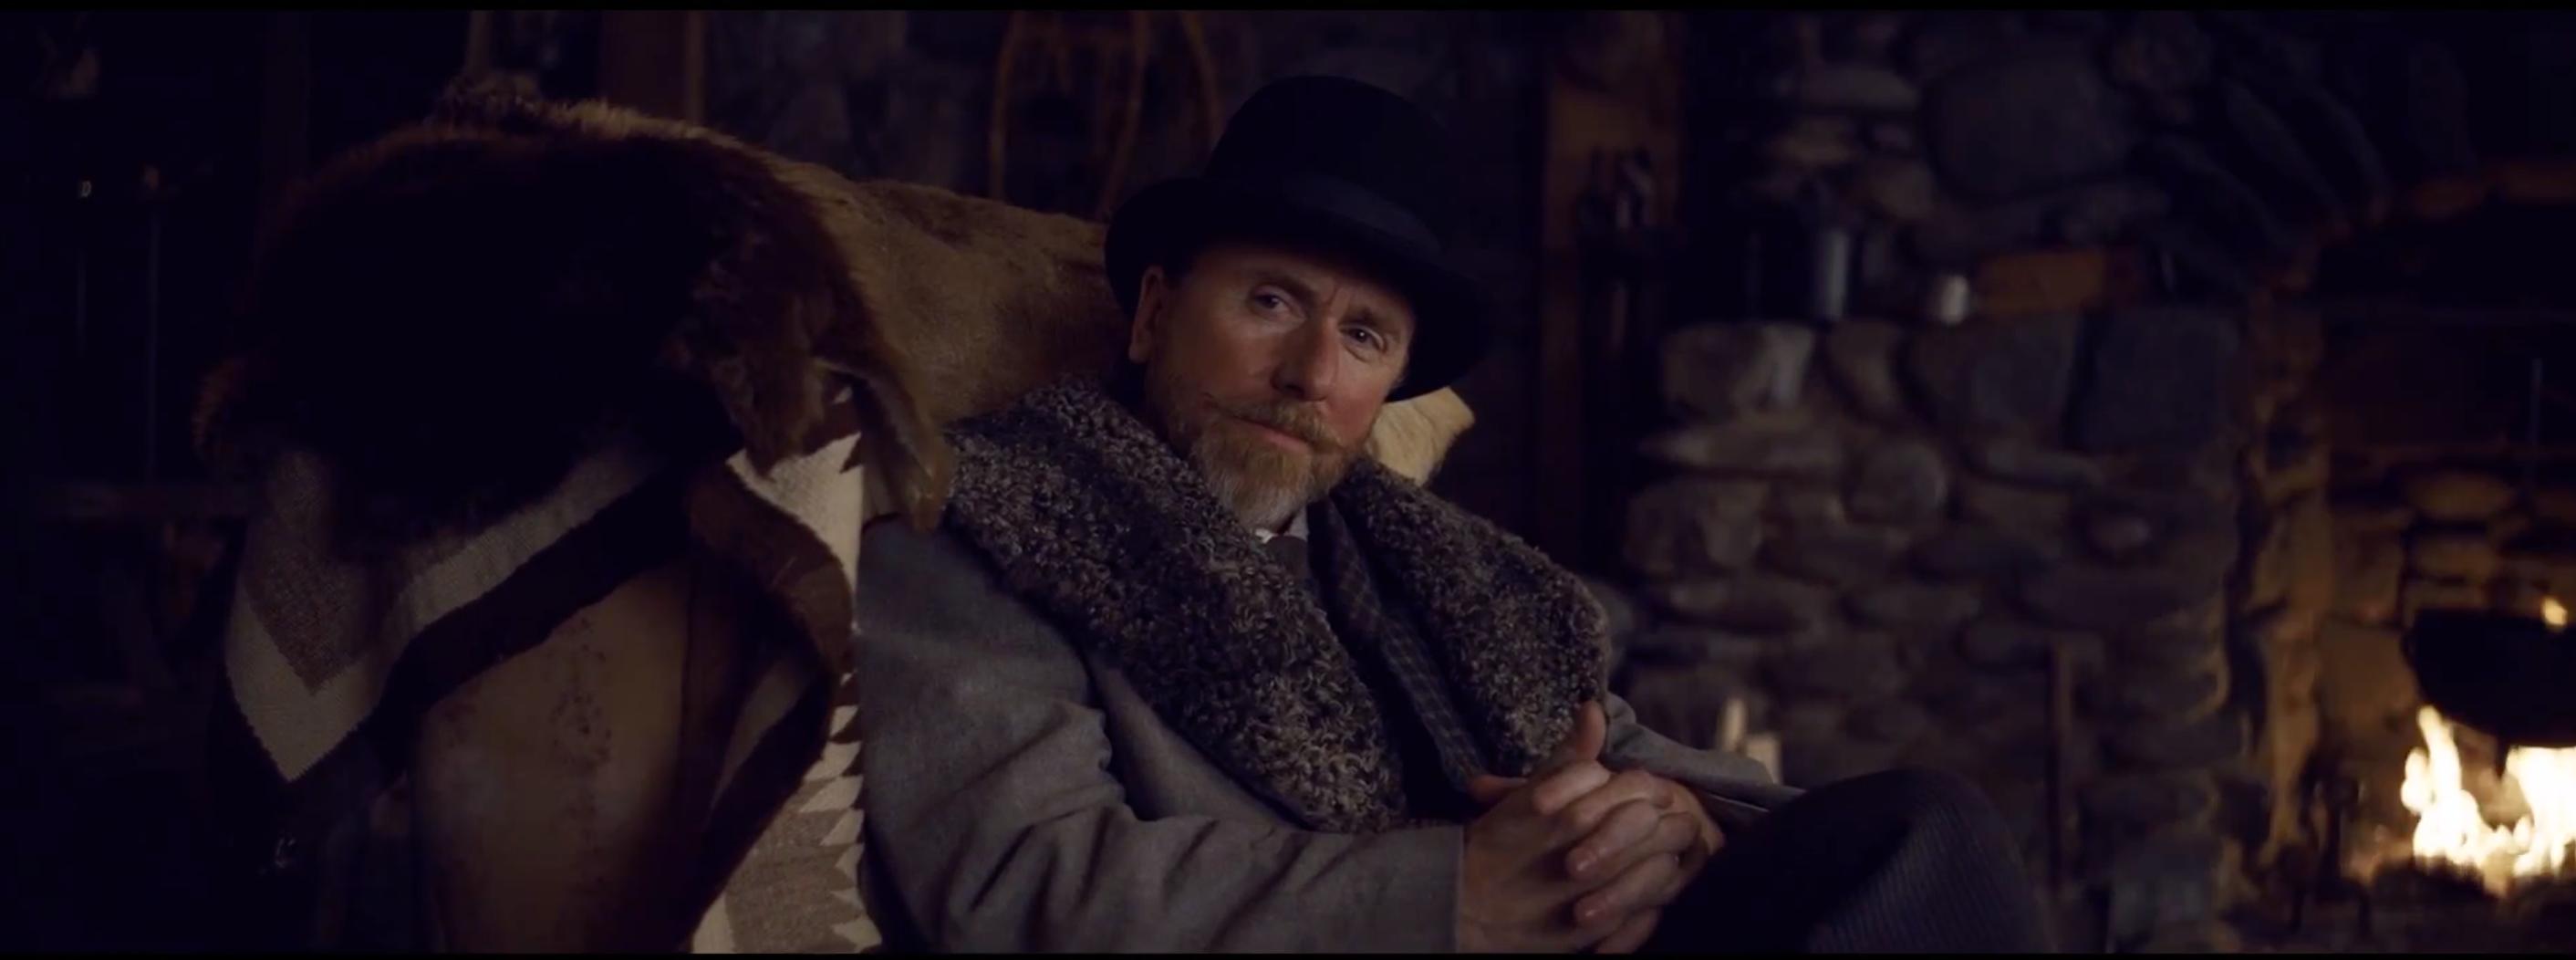 The Hateful Eight: Tim Roth in una scena del teaser trailer del film di Tarantino